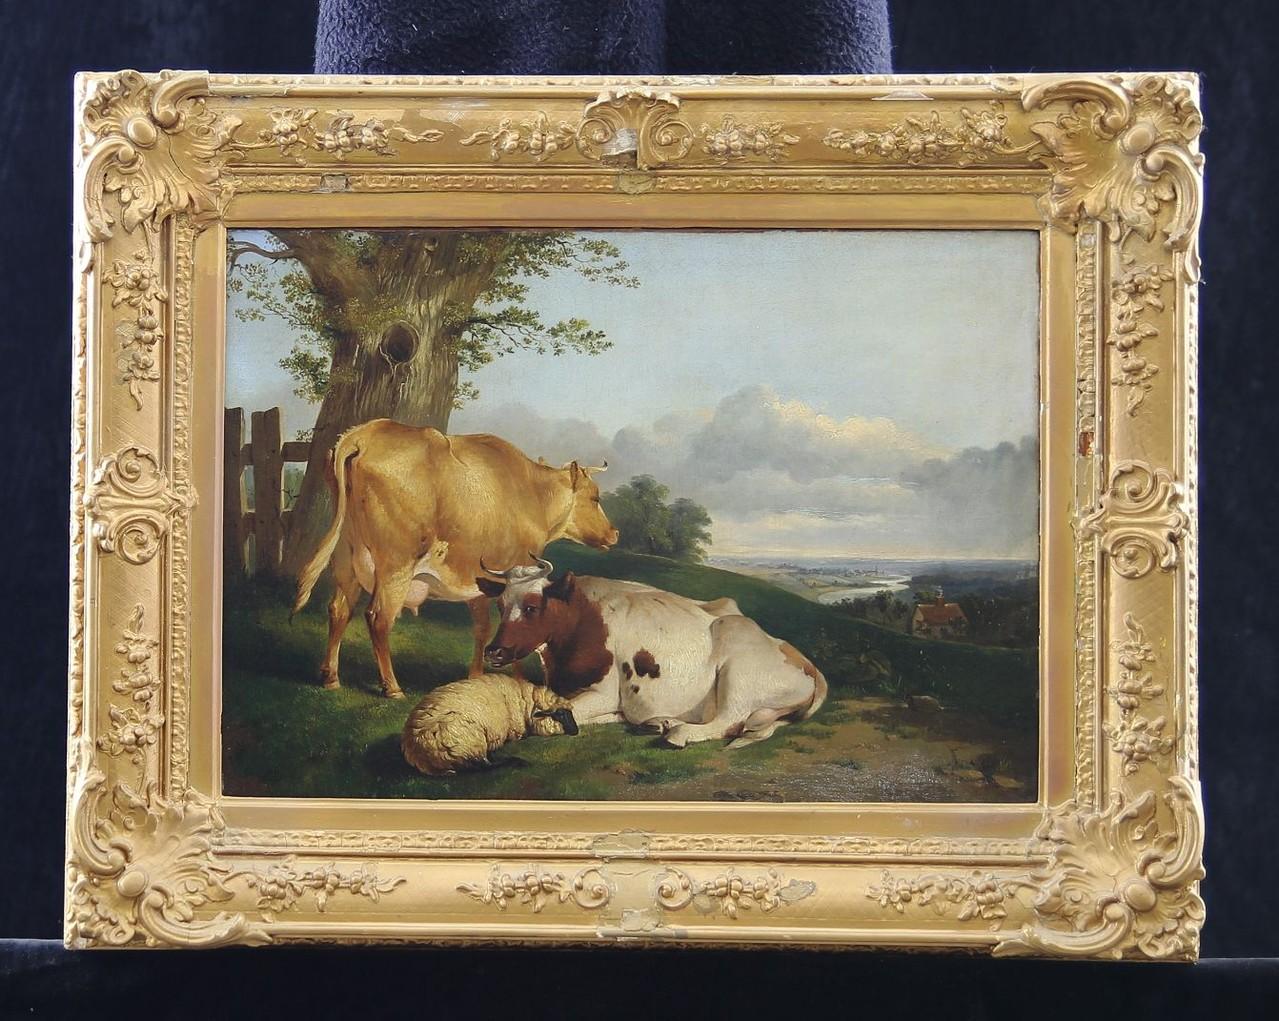 T.S.Cooper 'Viehweide' Ölgemälde signiert & datiert 1866, Kunstauktion